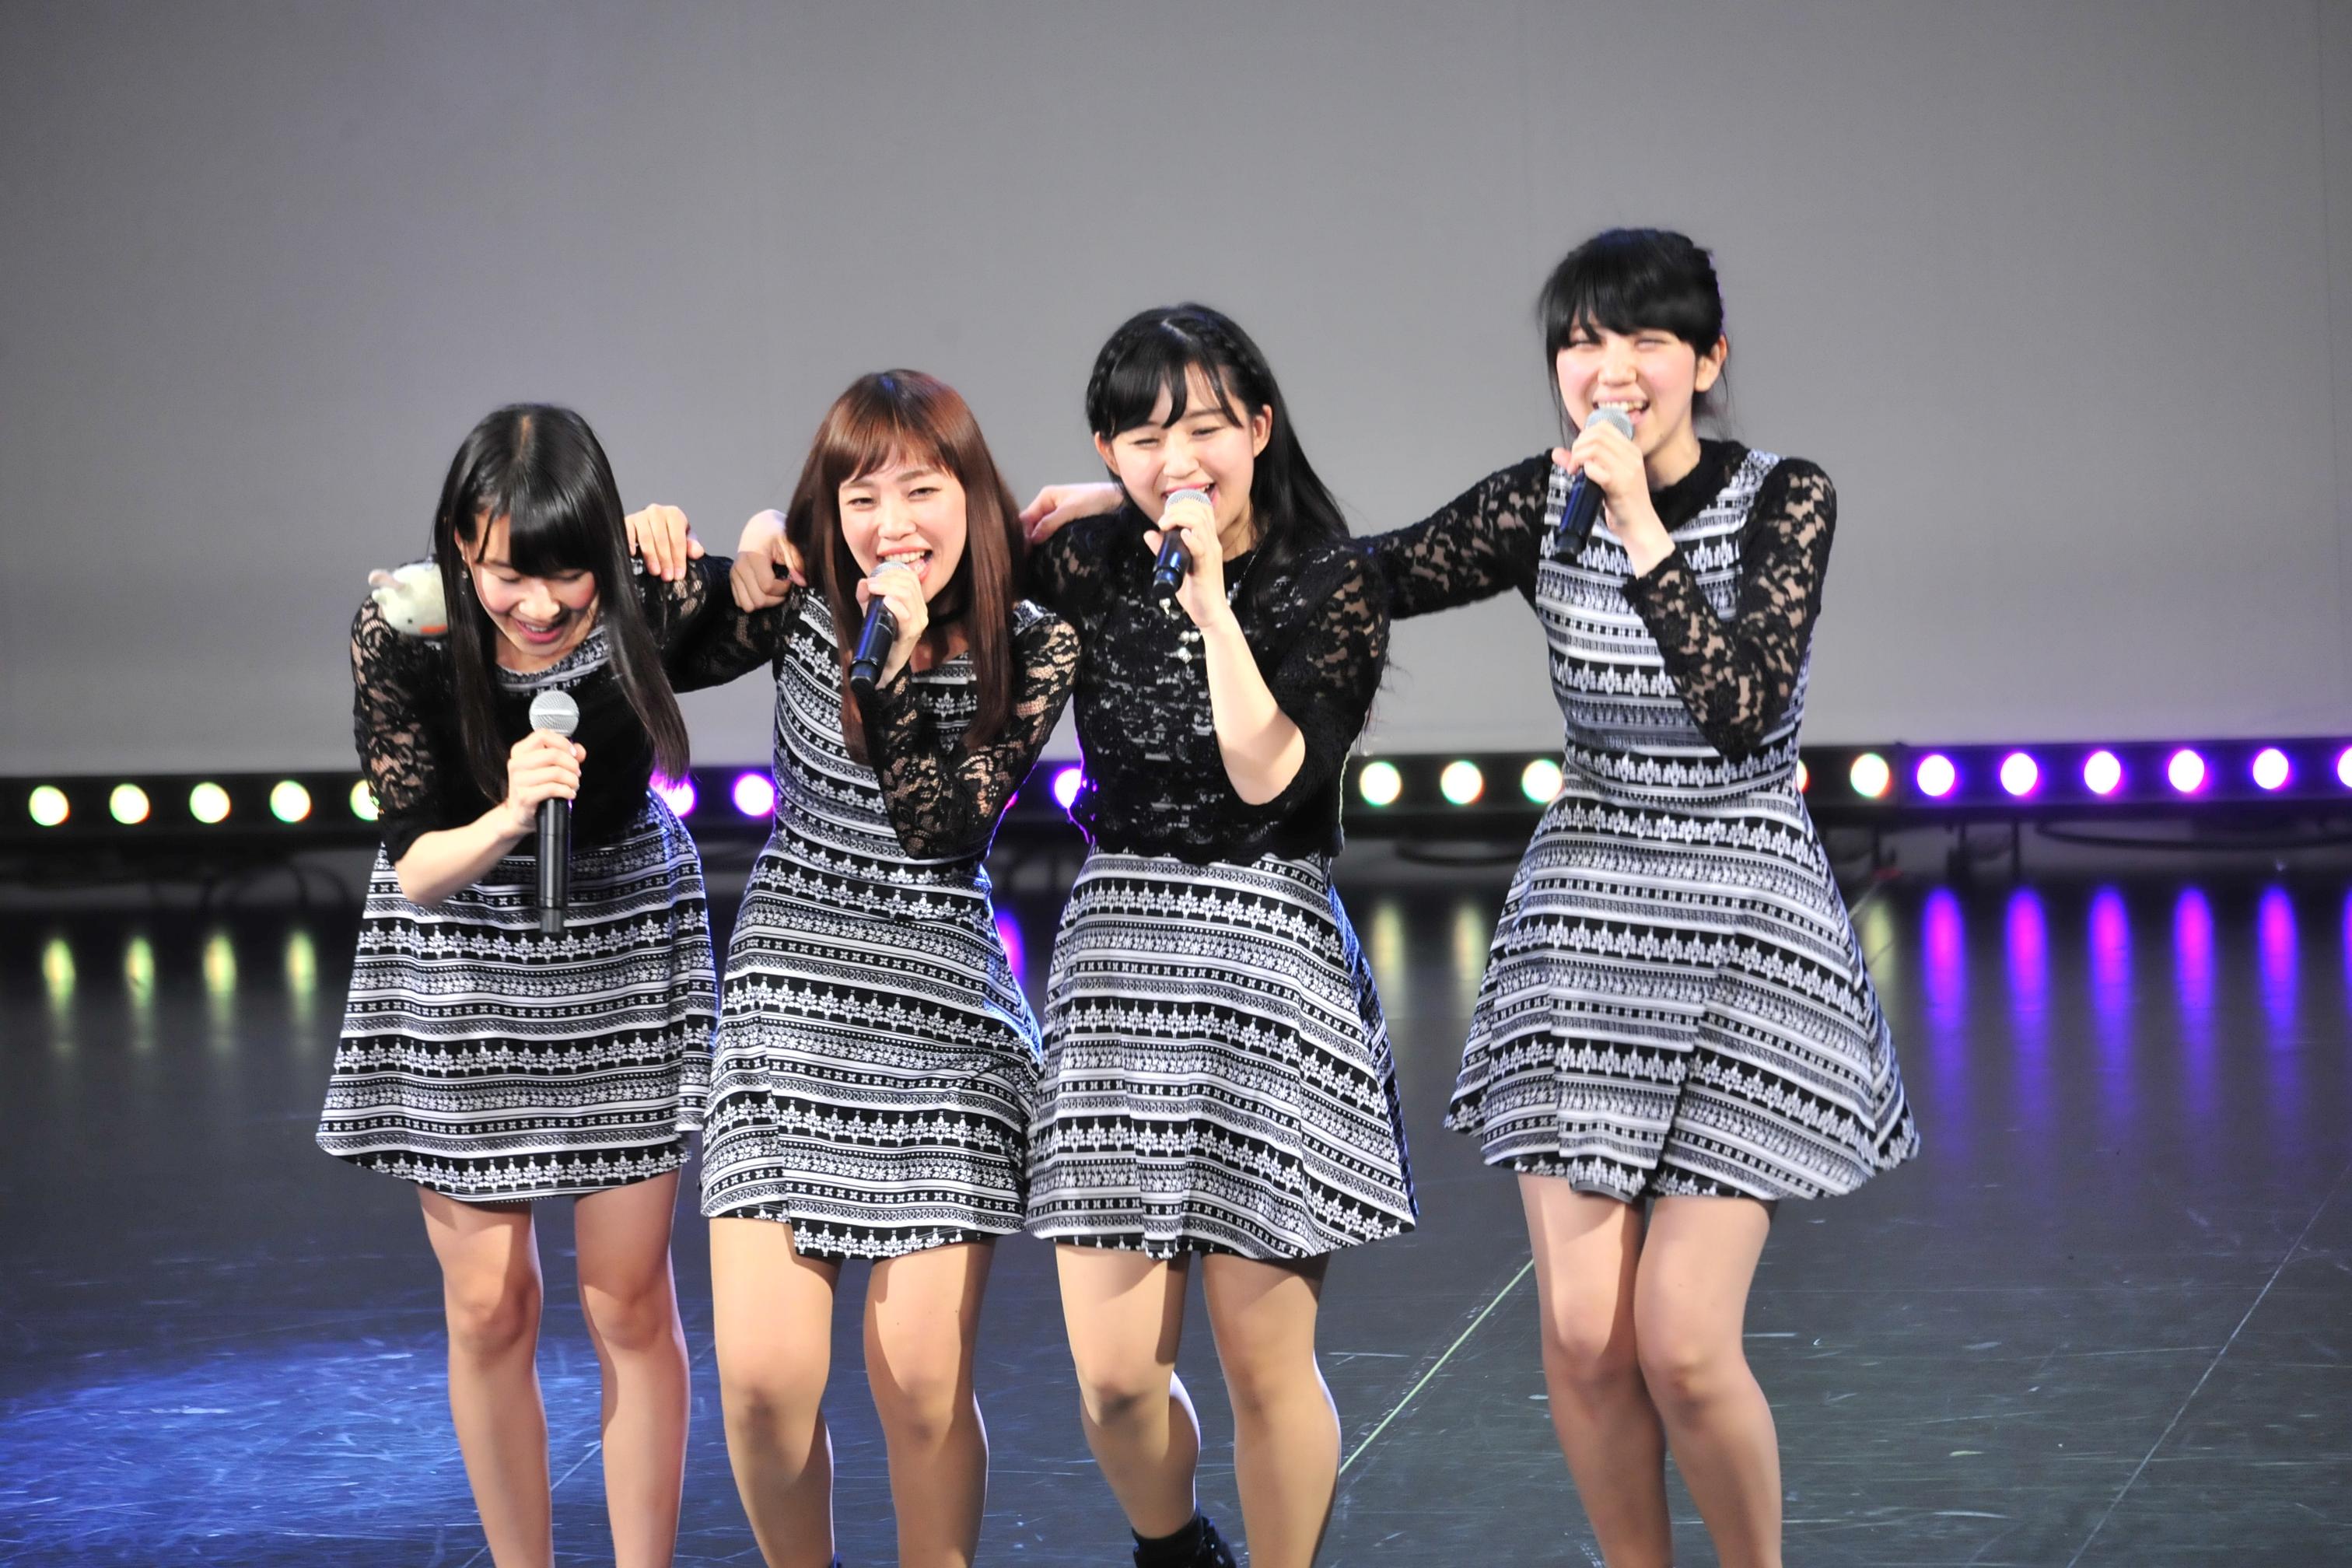 「ミナミアイドルフェスティバル6.7」(Lovelys!!!!)